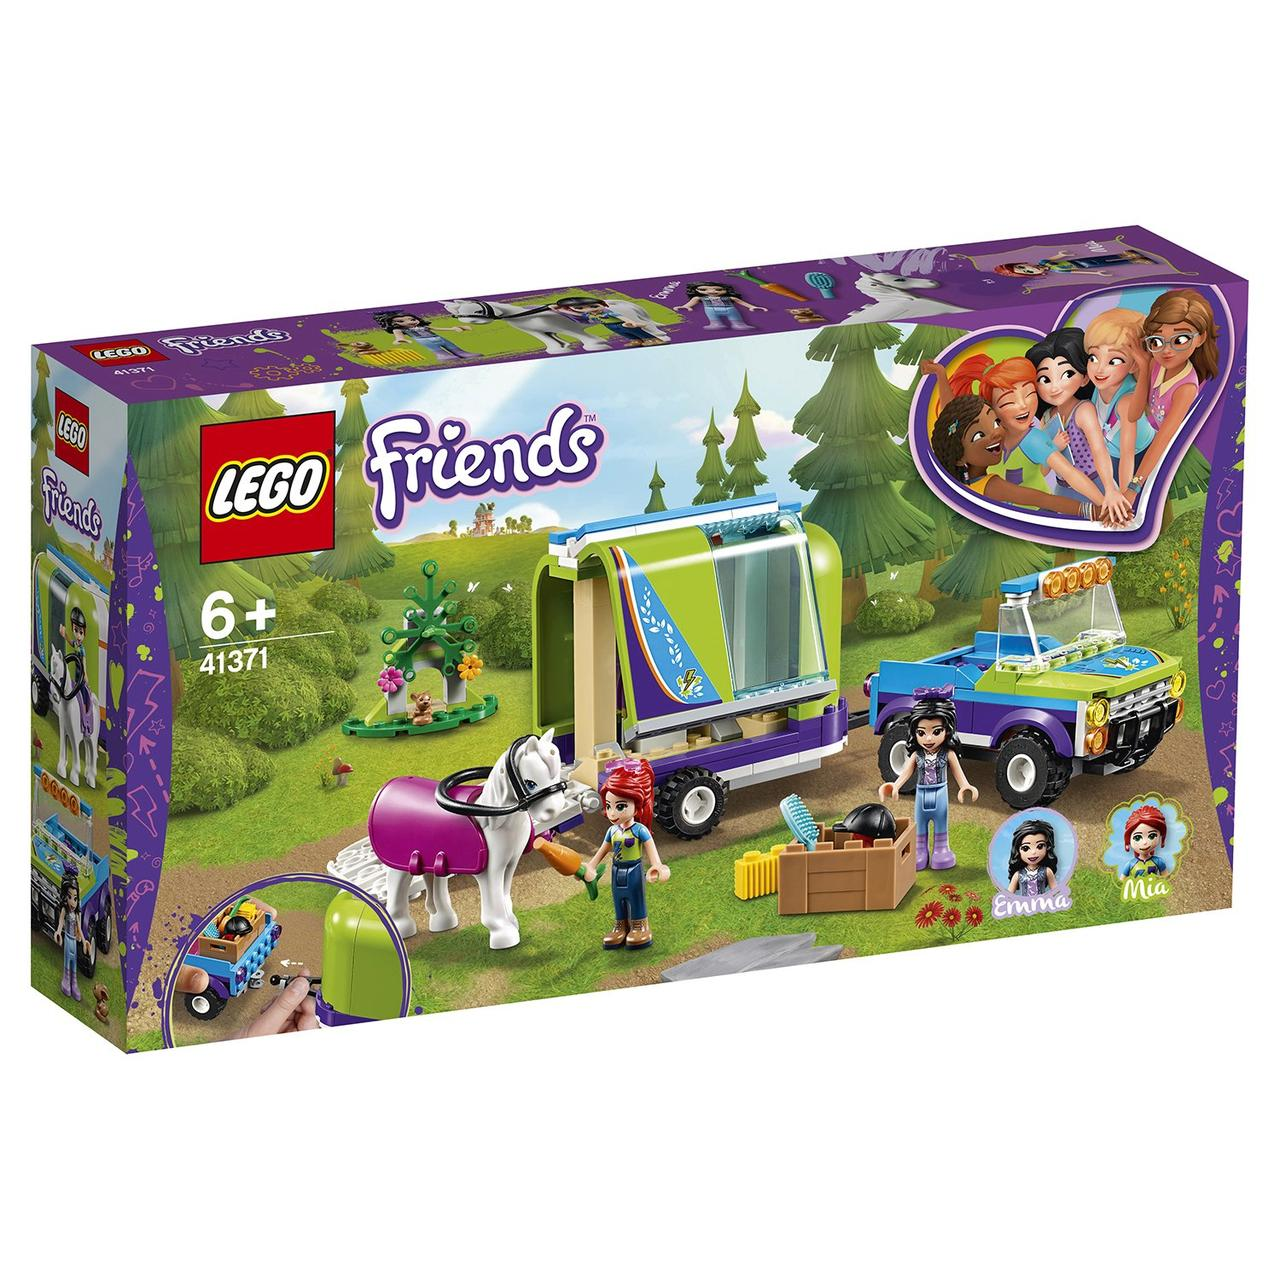 41371 Lego Friends Трейлер для лошадки Мии, Лего Подружки